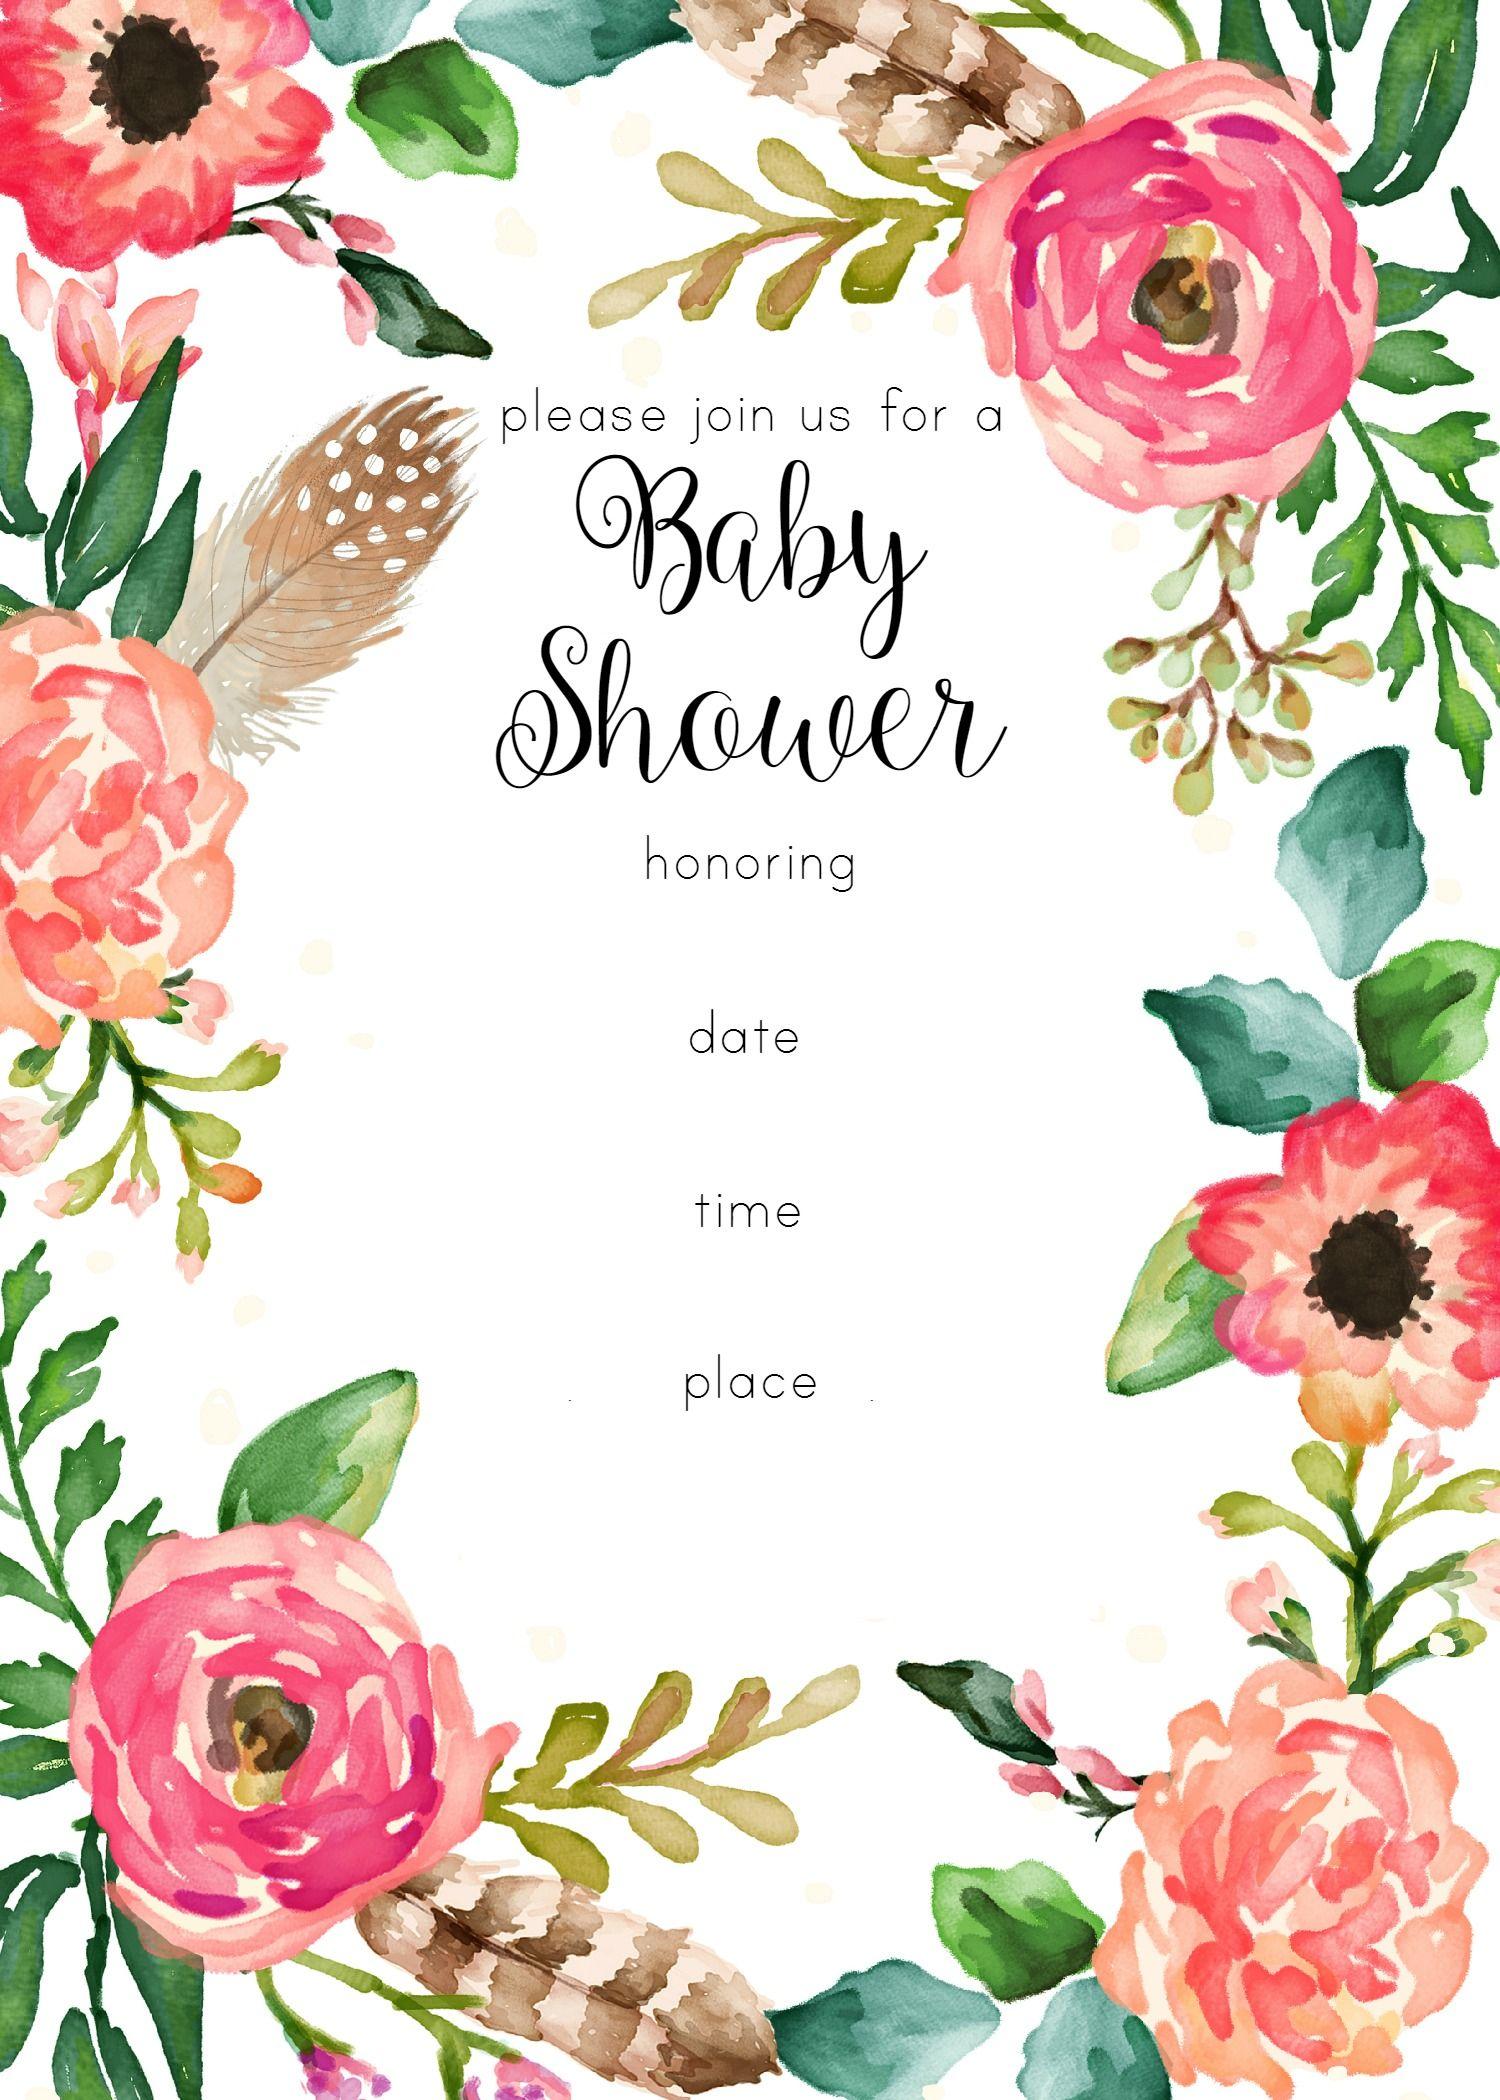 download 1,500×2,100 pixels | Flores | Pinterest | Blumenrahmen ...